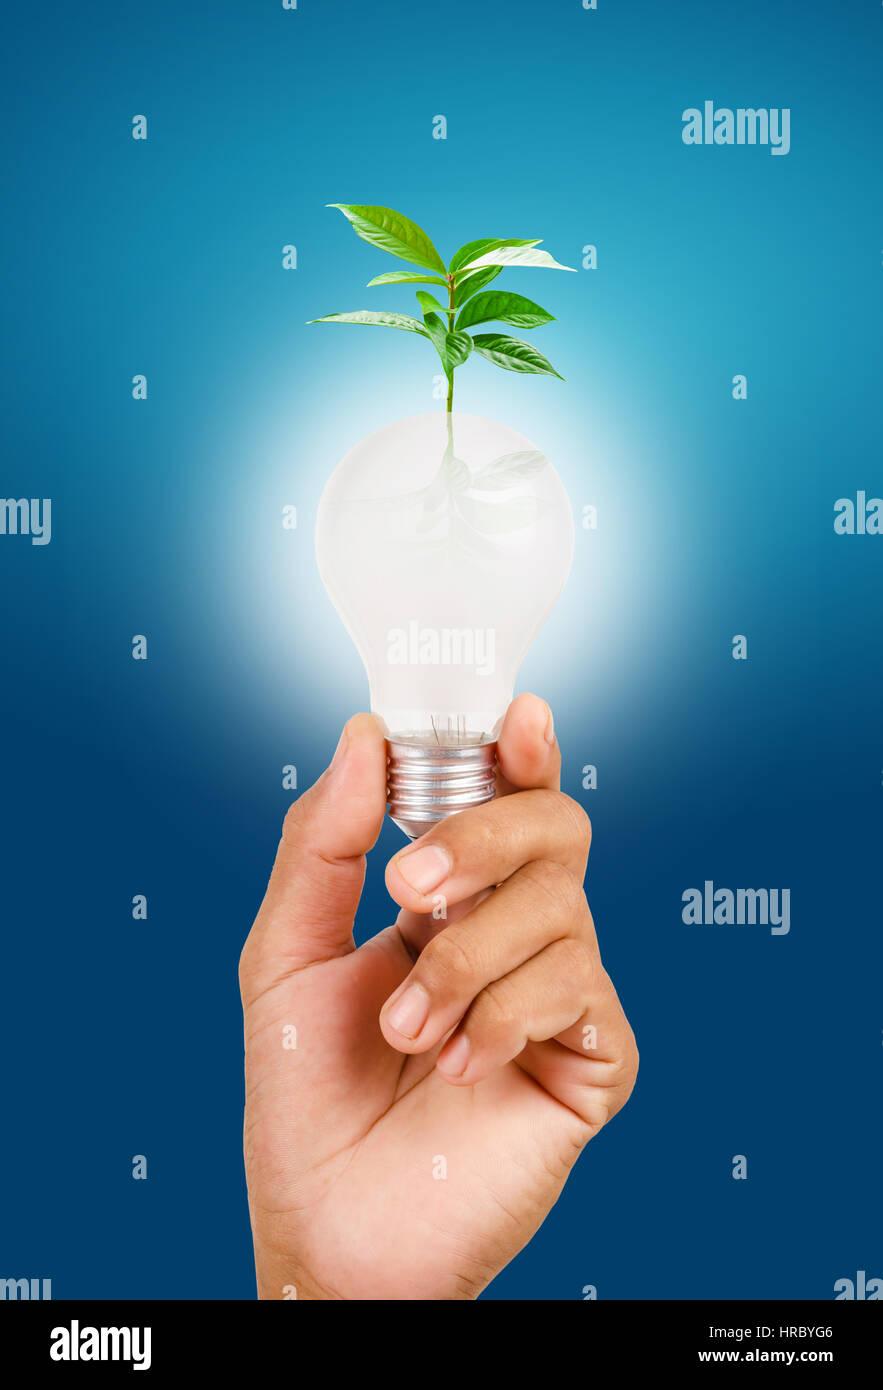 Recursos sostenibles, energía renovable y conservación ambiental concepto. Foto de stock